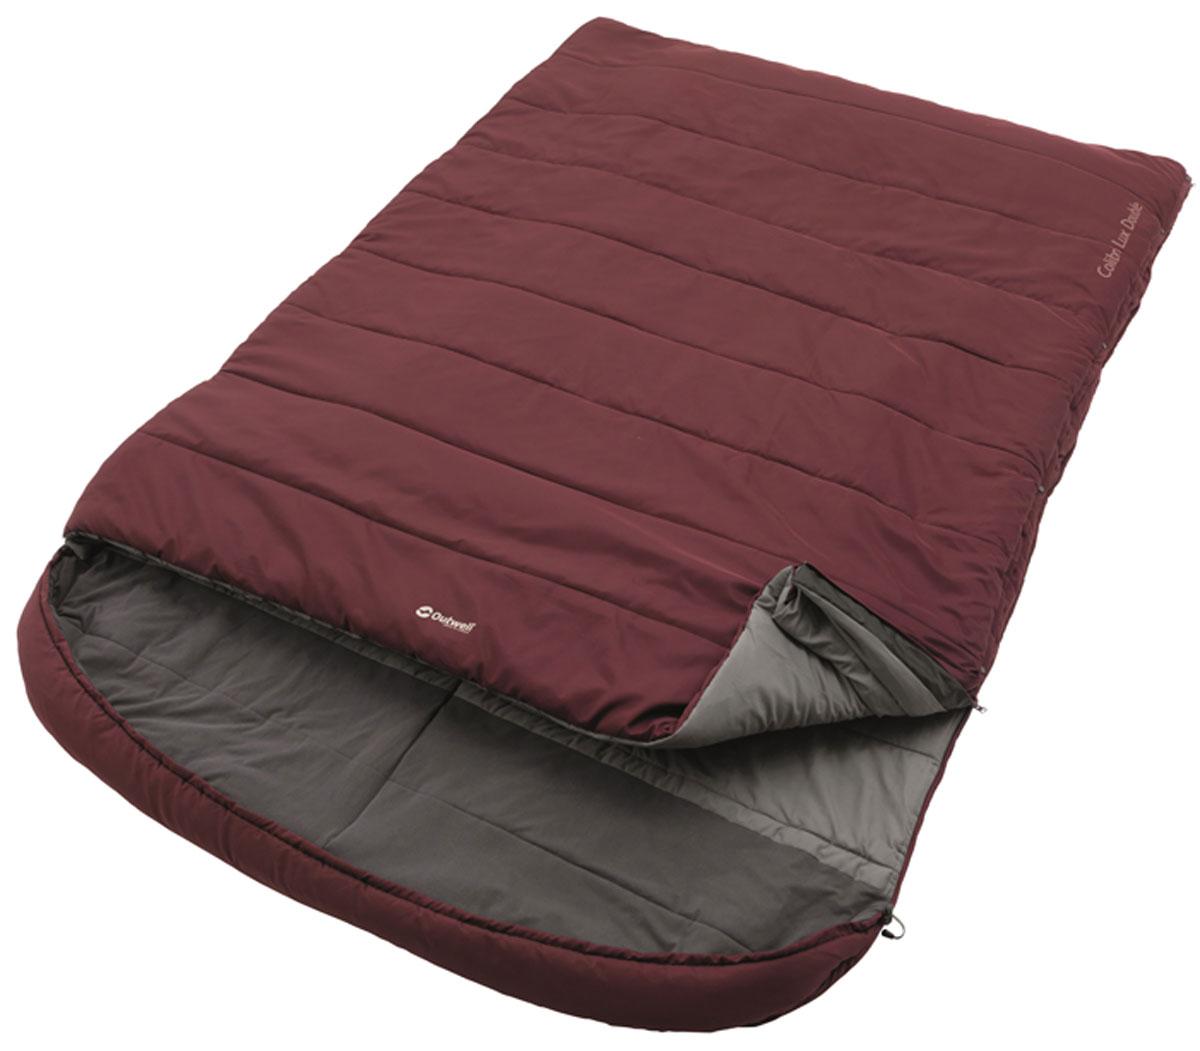 Спальный мешок-одеяло на двоих Outwell Colibri Lux Double, с подголовником, правосторонняя молния, цвет: бордовый, 215 х 150/170 см cпальный мешок outwell cube double